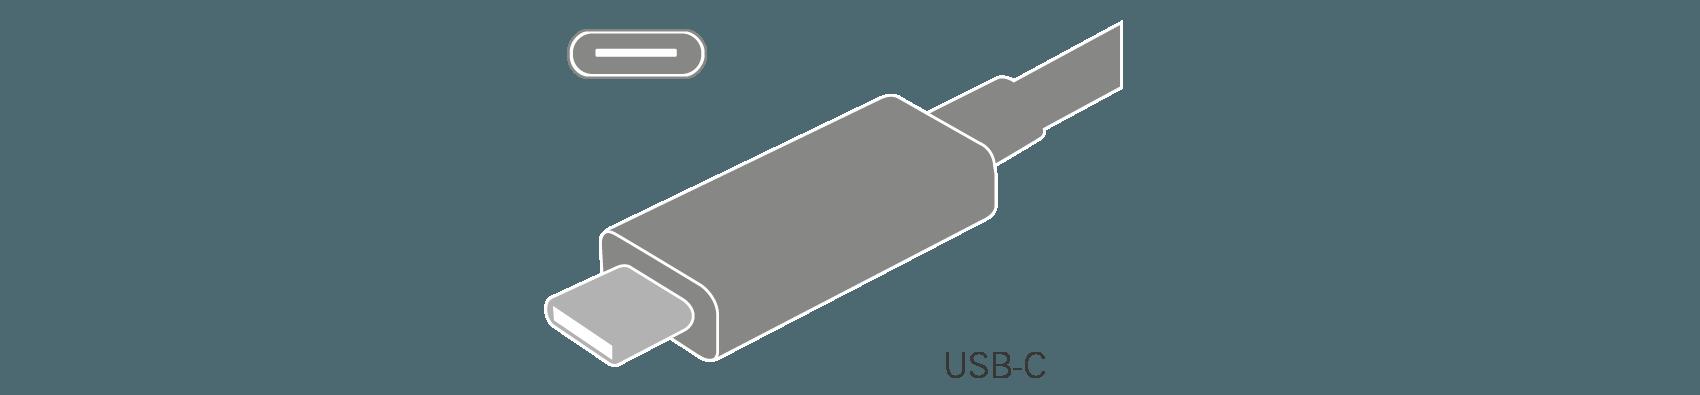 Typ C USB laddare HUB Led Display Väggladdare Snabb mobiltelefonladdare För iPhone Samsung USB adapter EU US Plug